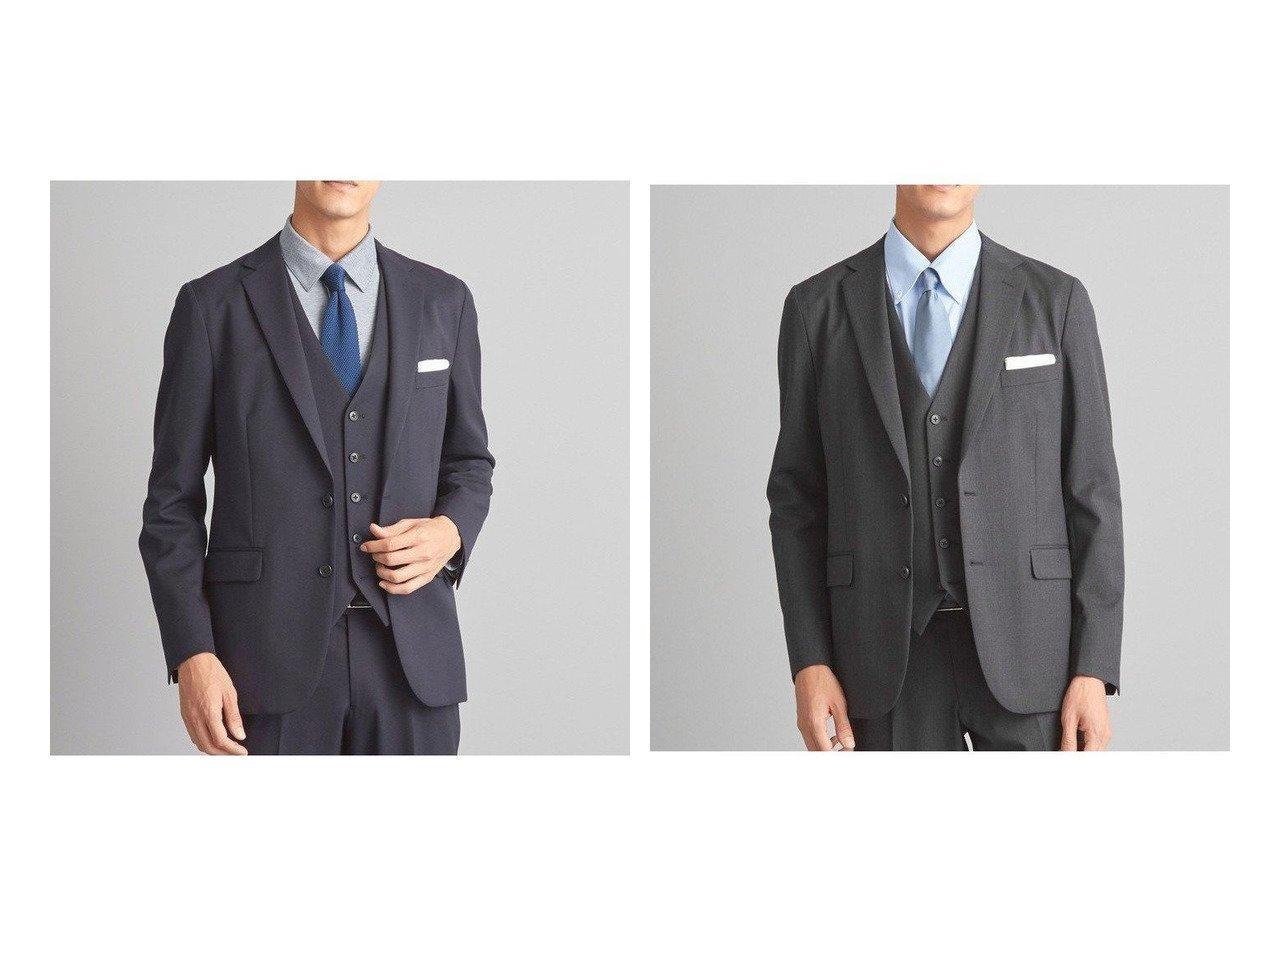 【green label relaxing / UNITED ARROWS / MEN/グリーンレーベルリラクシング メン】の【WORK TRIP OUTFITS】PU サージ NT ジャケット 【MEN】男性のおすすめ!人気、メンズファッションの通販 おすすめで人気のファッション通販商品 インテリア・家具・キッズファッション・メンズファッション・レディースファッション・服の通販 founy(ファニー) https://founy.com/ ファッション Fashion メンズ MEN ウォッシャブル オケージョン 春 秋 シャーリング ジャケット ストレッチ スマート スリム スーツ セットアップ トレンド フィット フォーマル フラップ ベスト ポケット 無地  ID:crp329100000003897